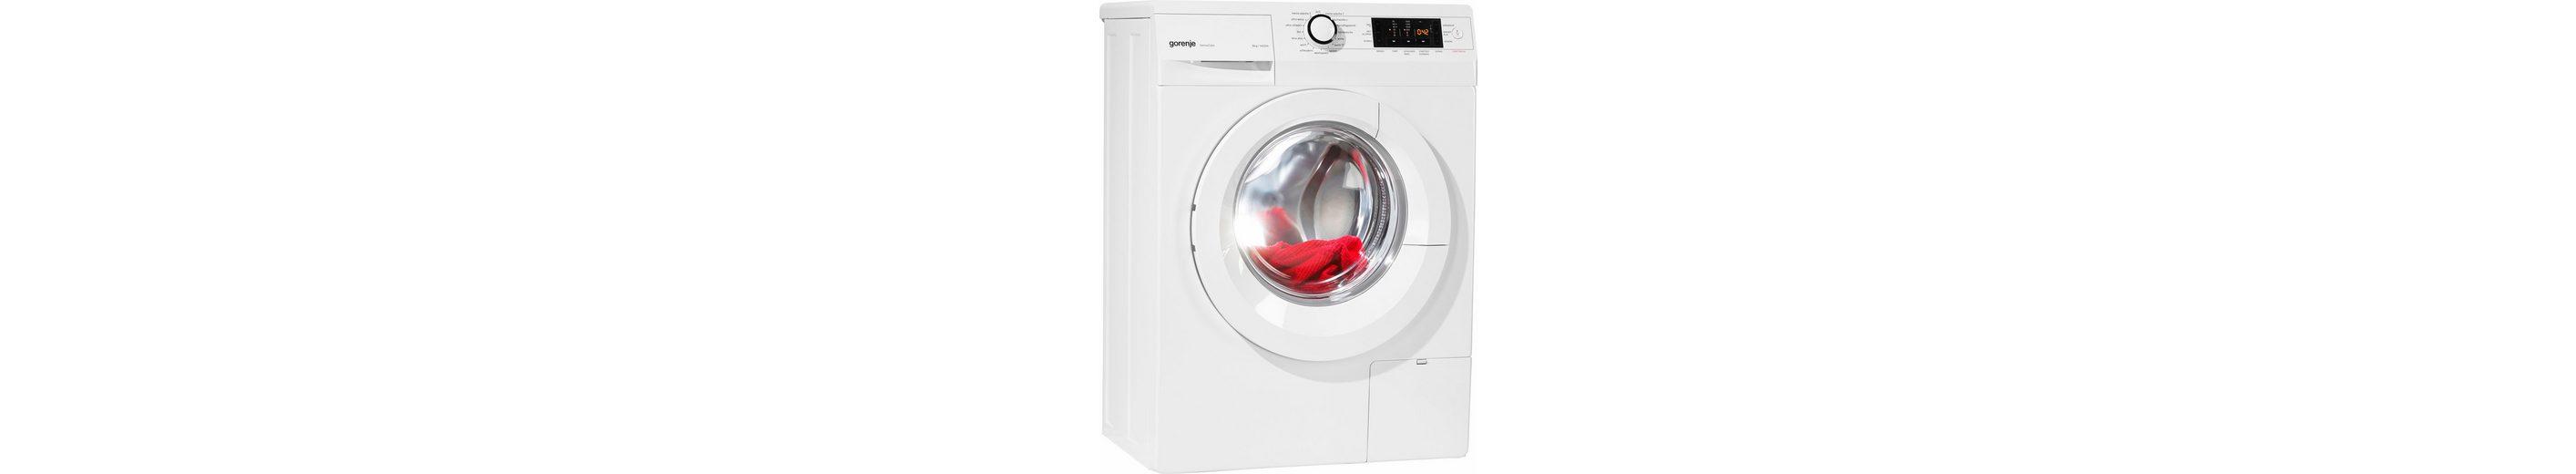 GORENJE Waschmaschine WAS549, A+++, 5 kg, 1400 U/Min